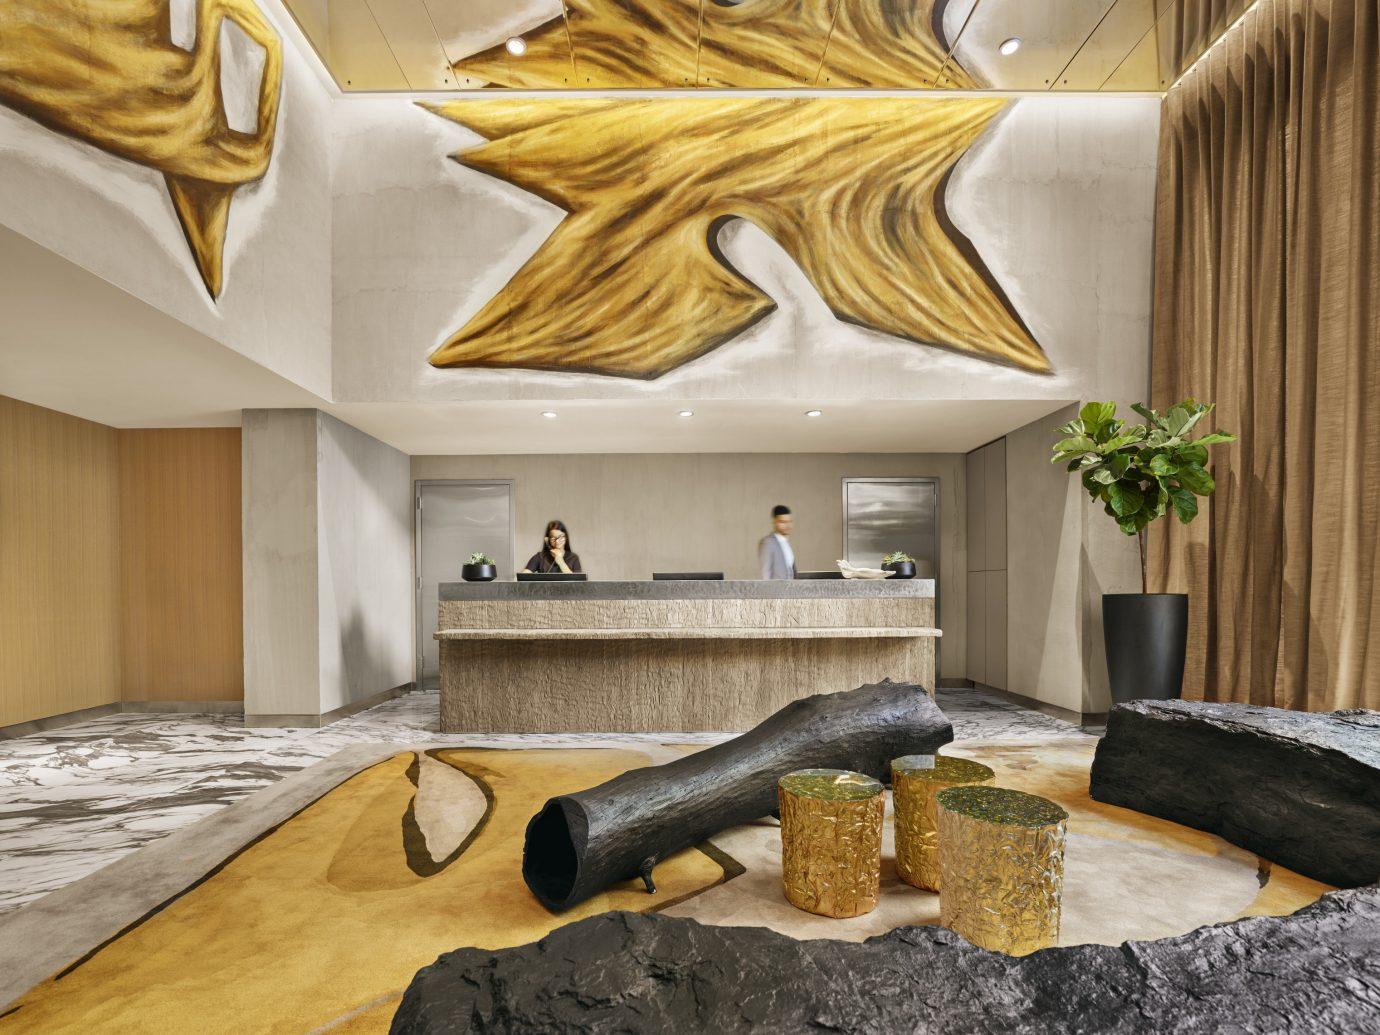 NYC Trip Ideas indoor interior design room ceiling living room Lobby real estate interior designer furniture